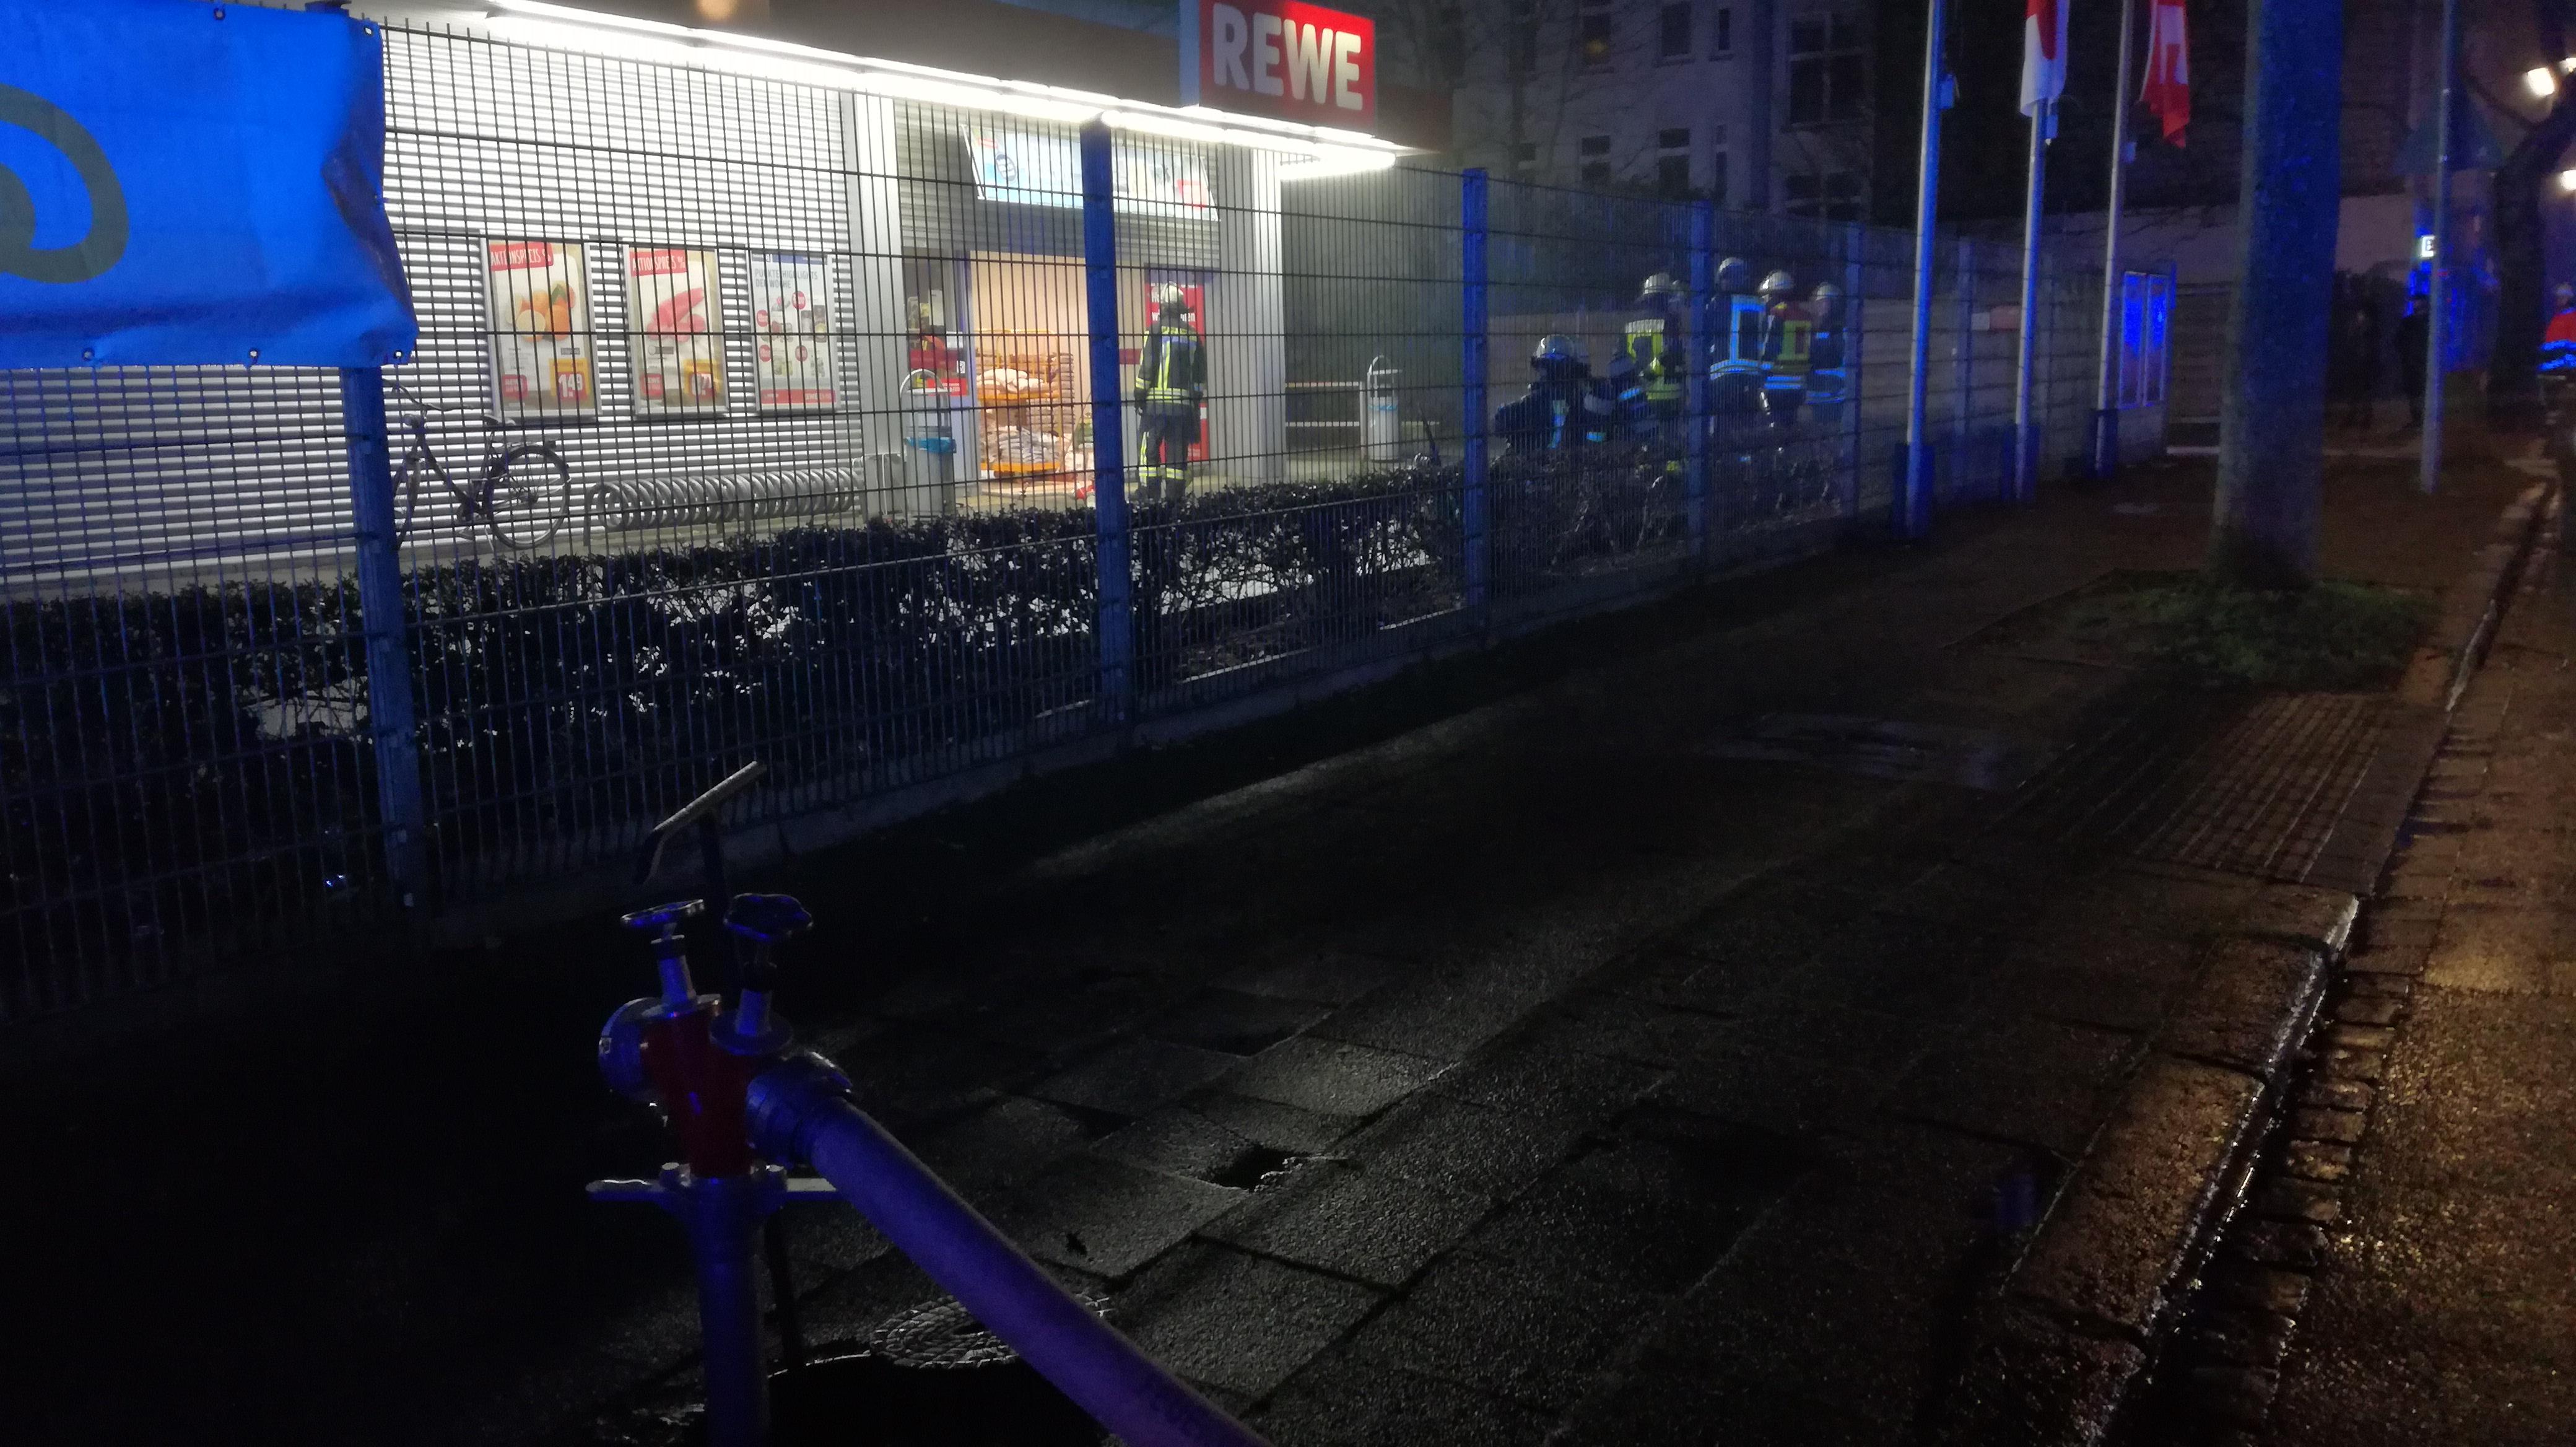 Brand Gewerbebetrieb A2 vom 20.01.2018  |  (C) Freiwillige Feuerwehr Fischeln (2018)